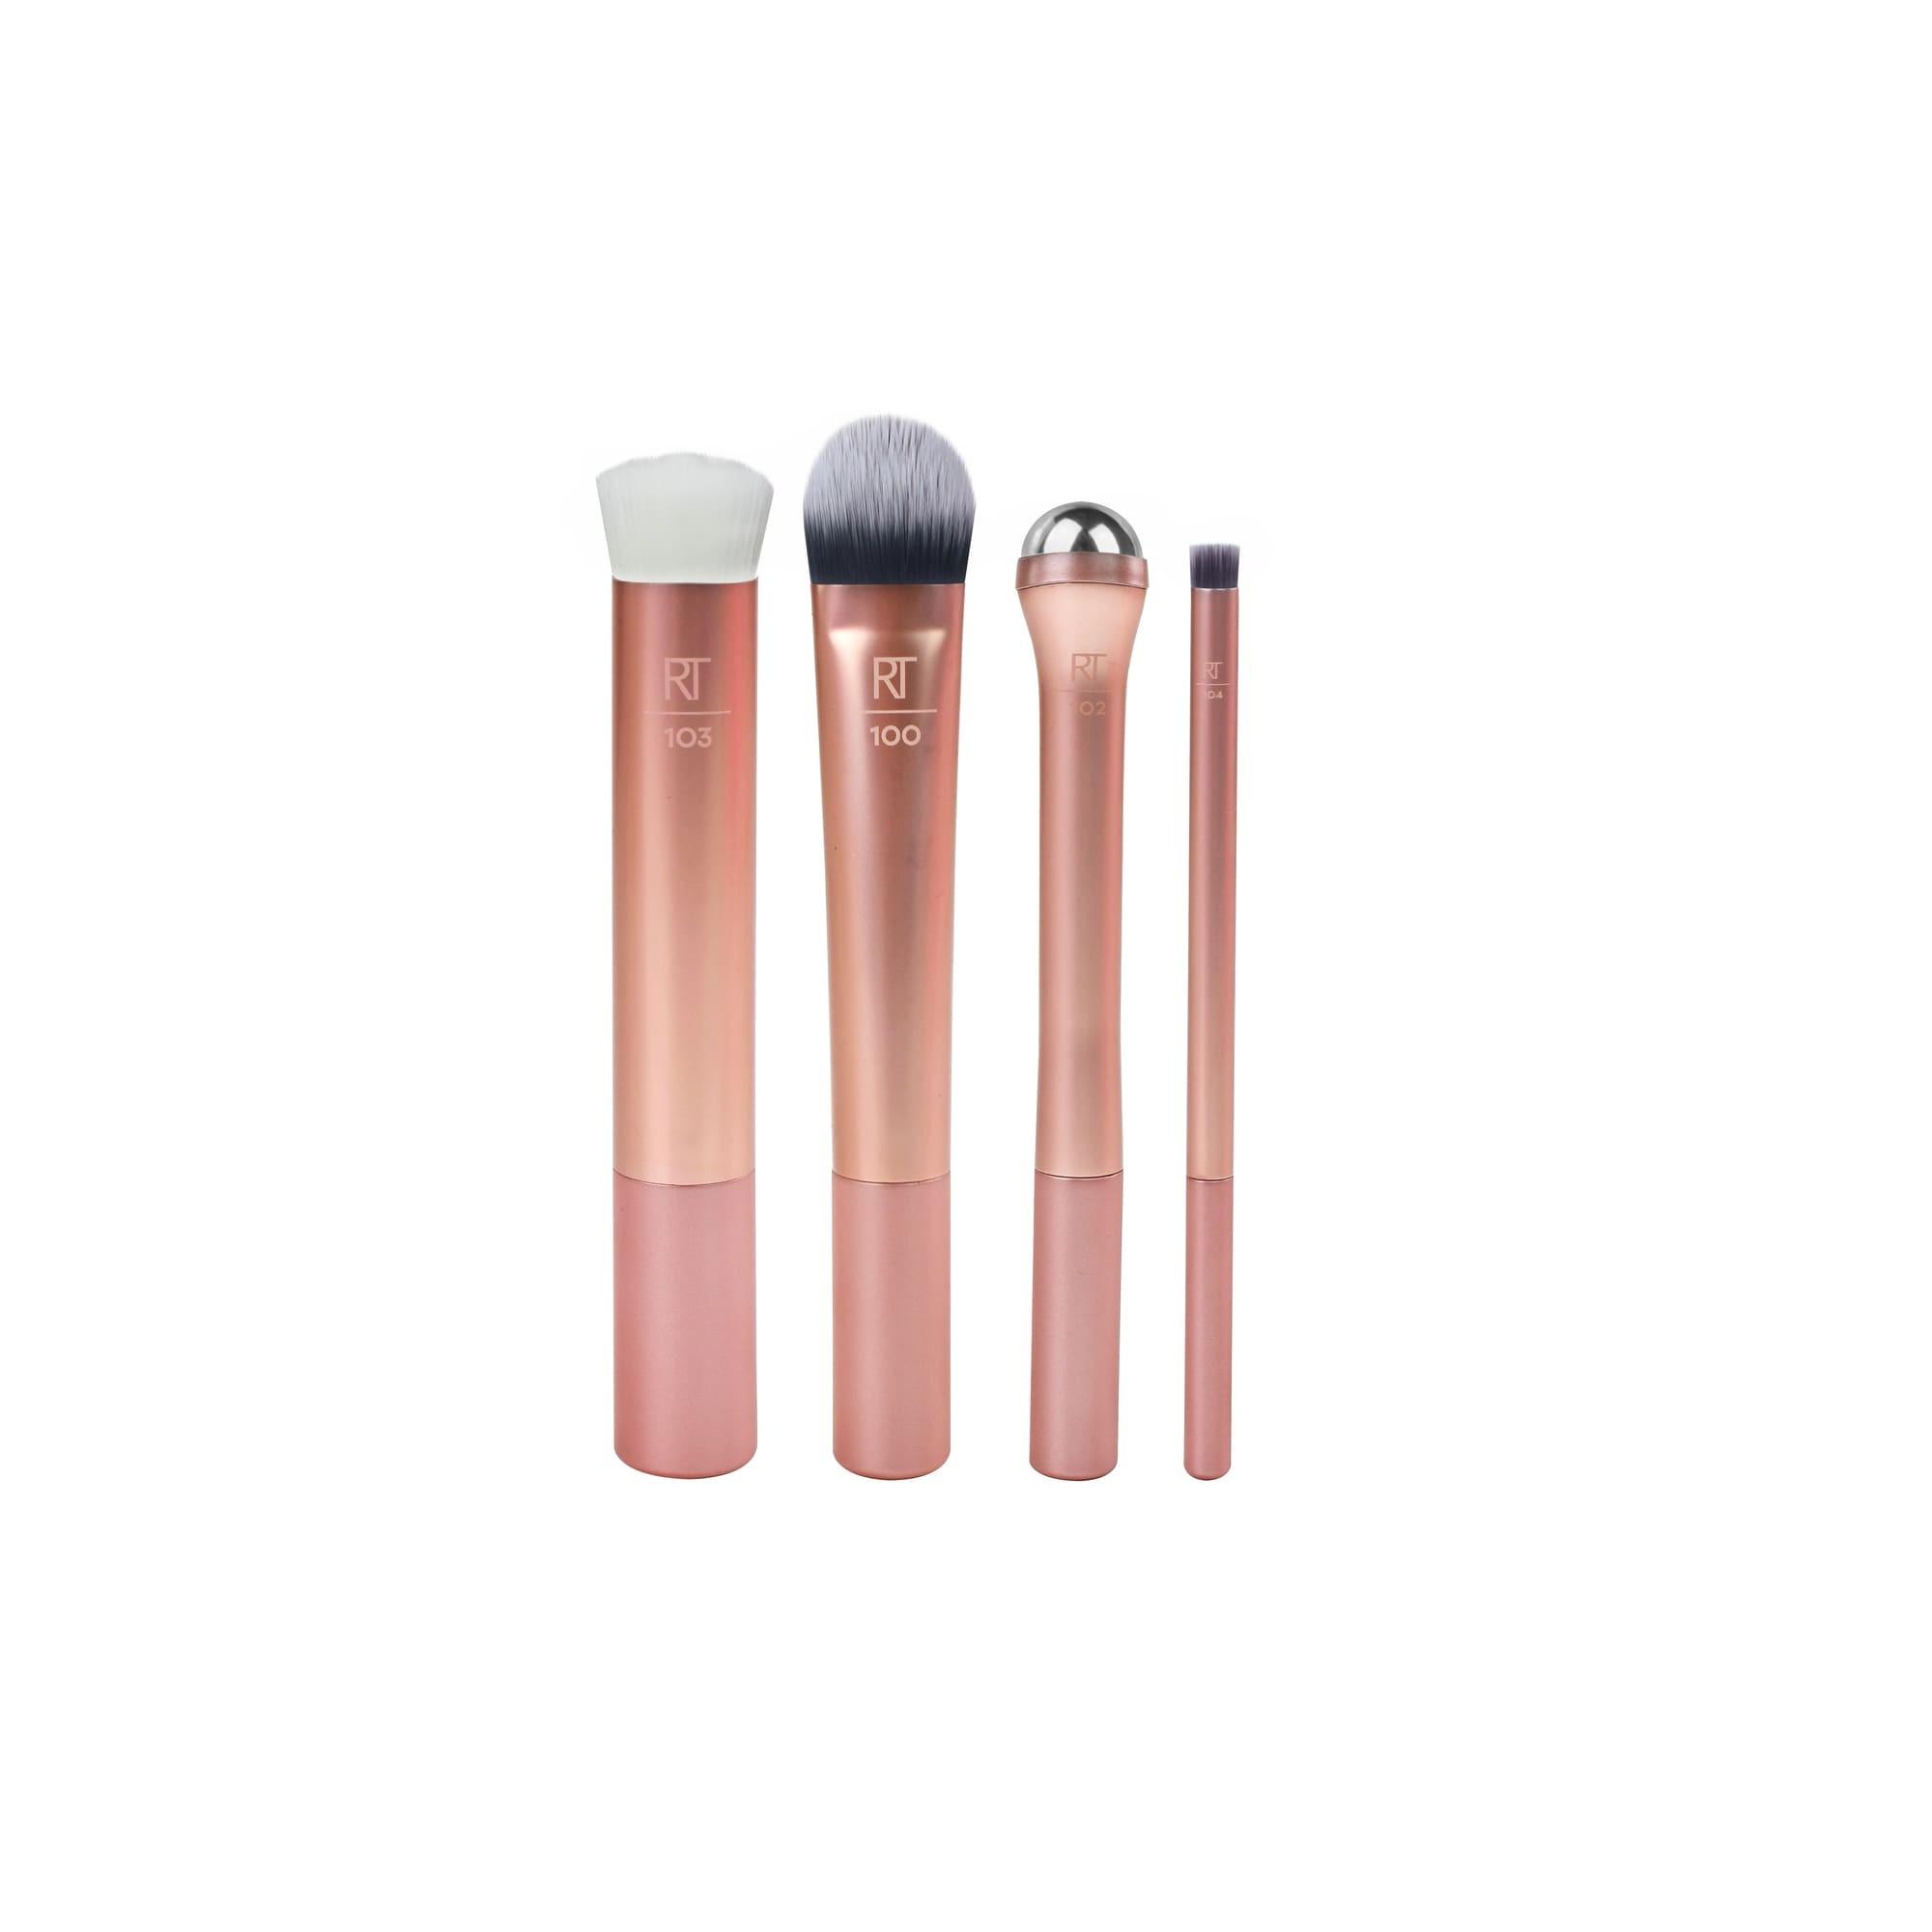 Real Techniques Prep + Prime Skincare Brush Set